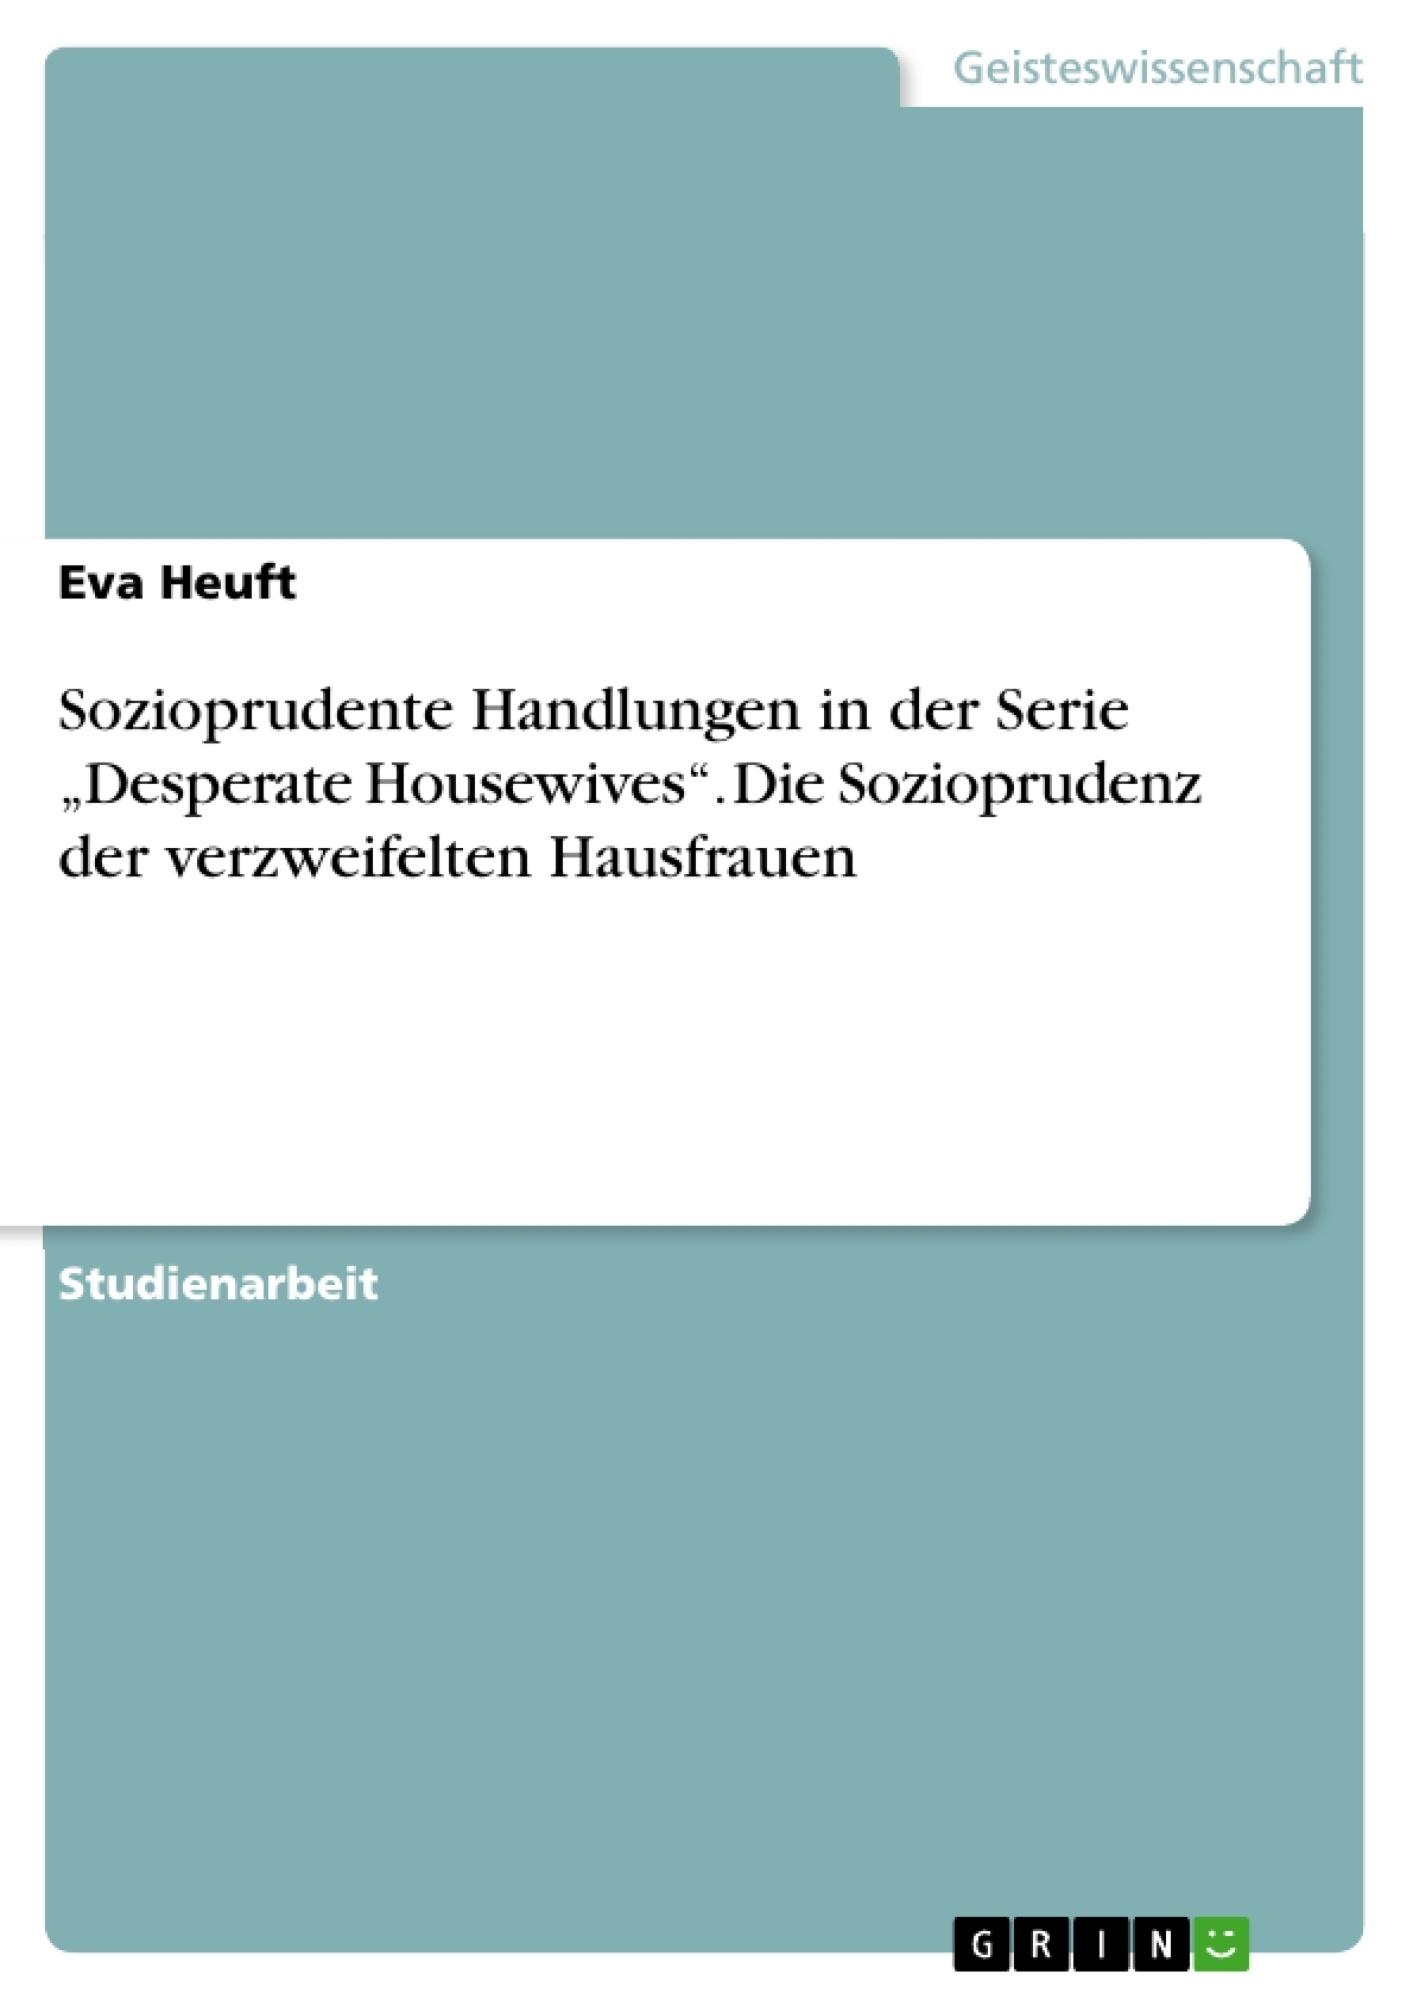 """Titel: Sozioprudente Handlungen in der Serie """"Desperate Housewives"""". Die Sozioprudenz der verzweifelten Hausfrauen"""